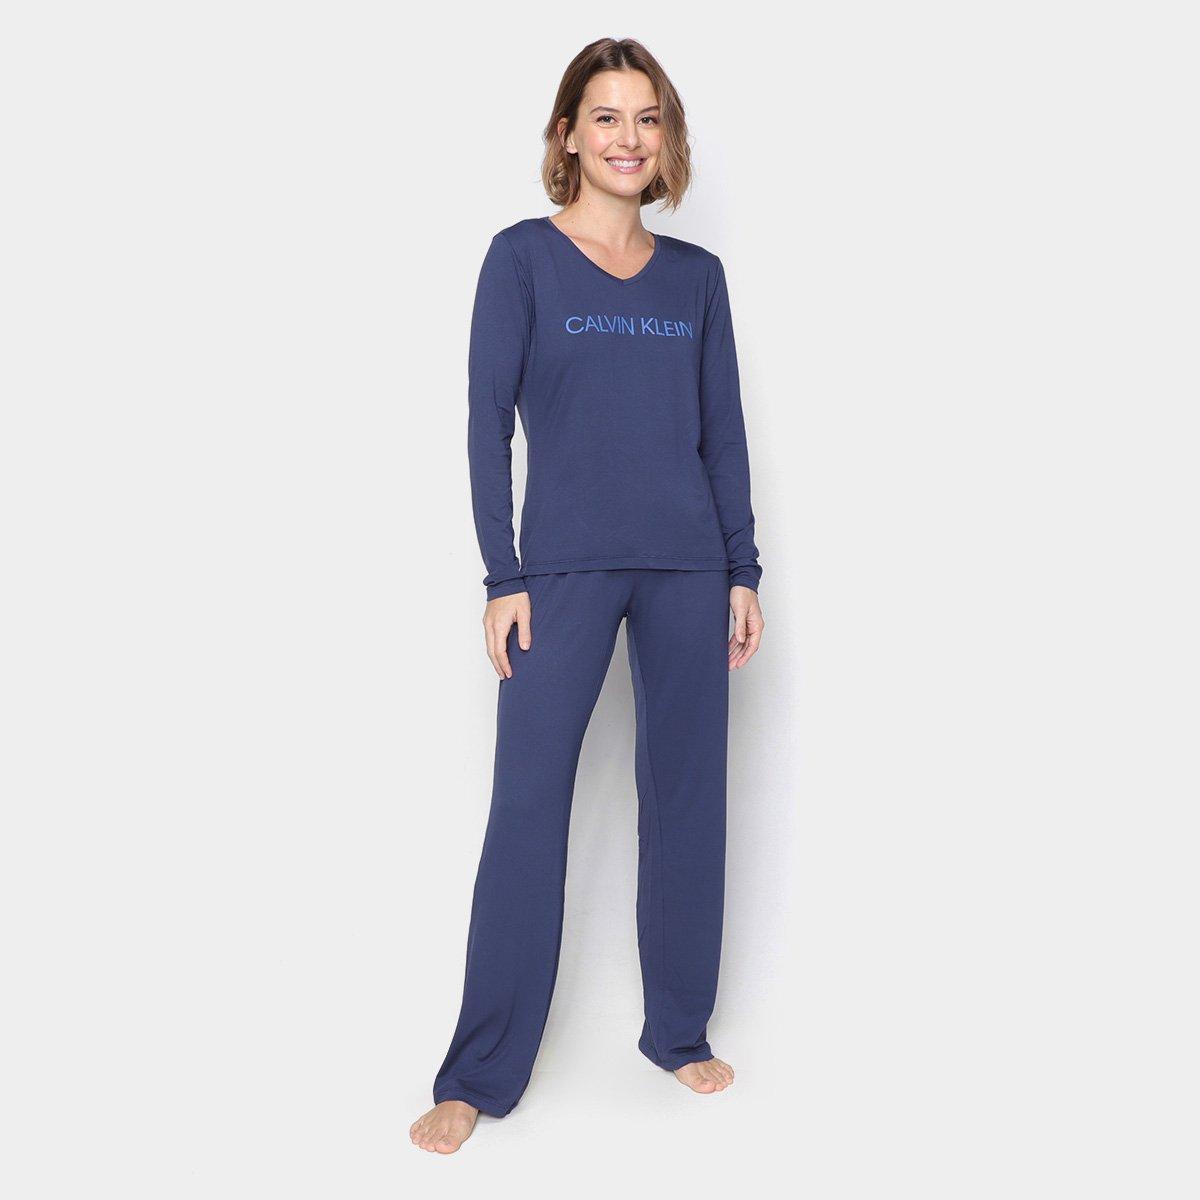 Pijama Longo Calvin Klein Viscolight Feminino